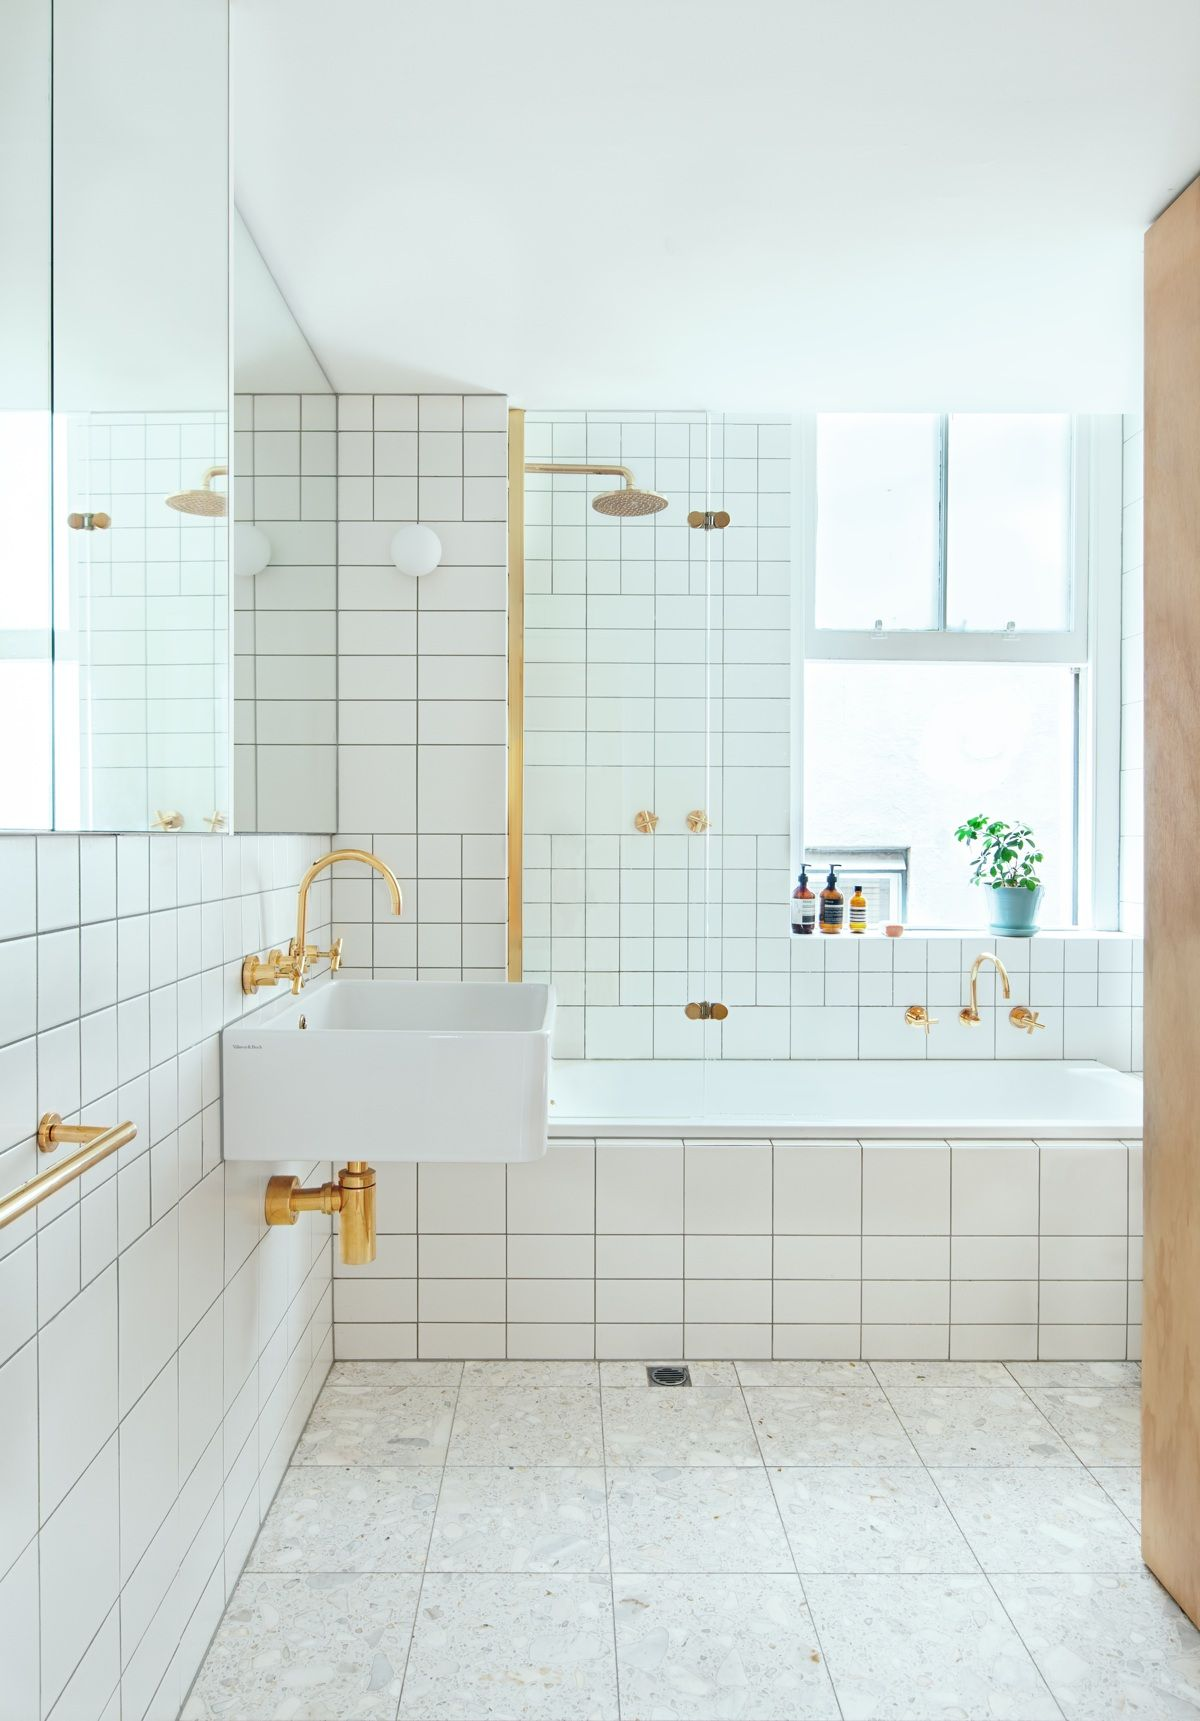 Tile Decoration Minimalist Bathroom Designs Looks So Trendy With Backsplash And